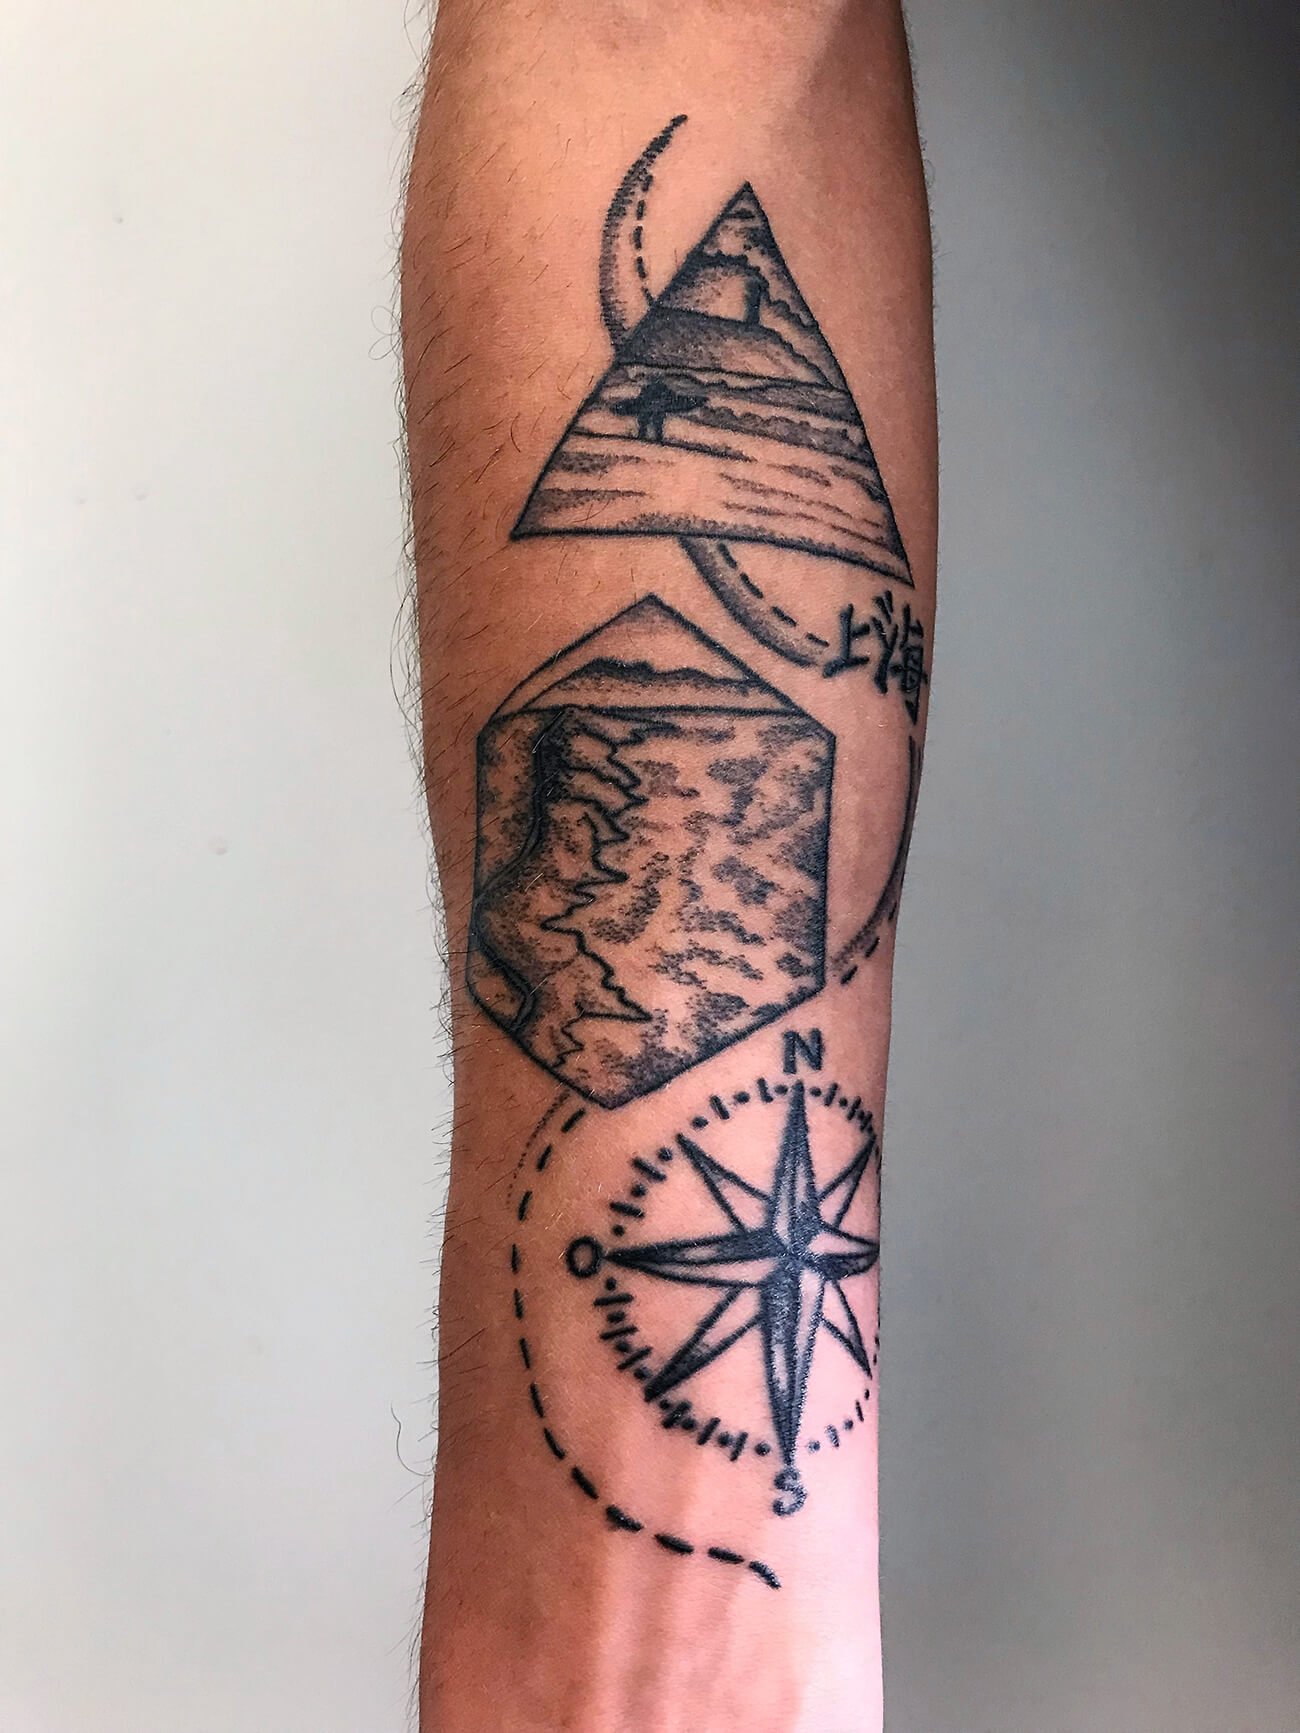 Cosmopolitan Tattoo - Création tatouage dot, avant bras homme, tatouage surfeur côte basque, noir et blanc